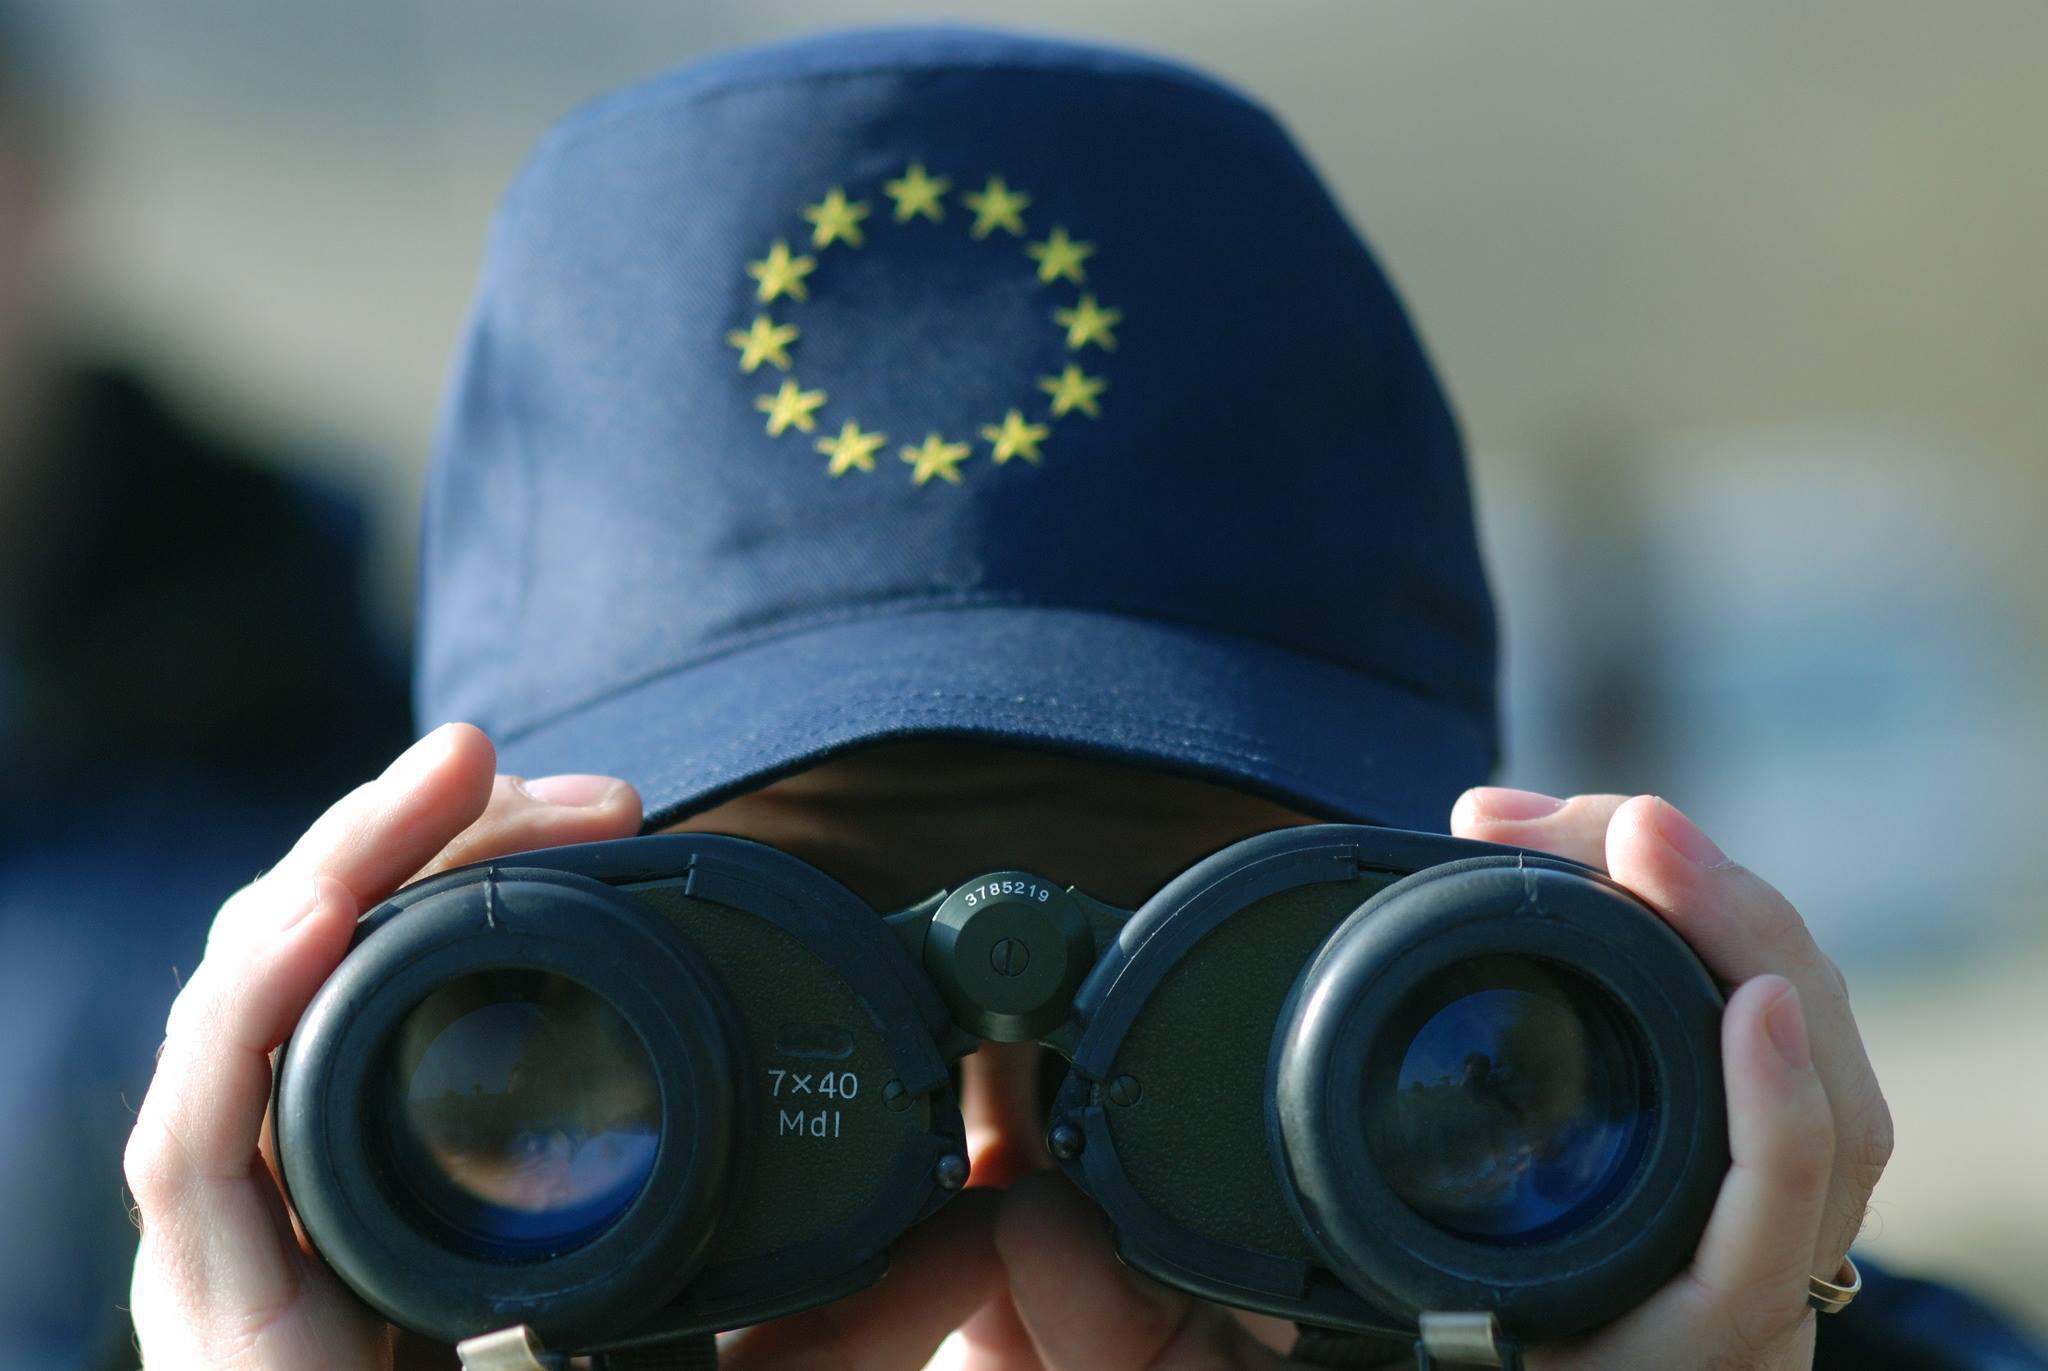 Raport al Consultării publice RO2019 la Bruxelles pe tema Parteneriatului Estic